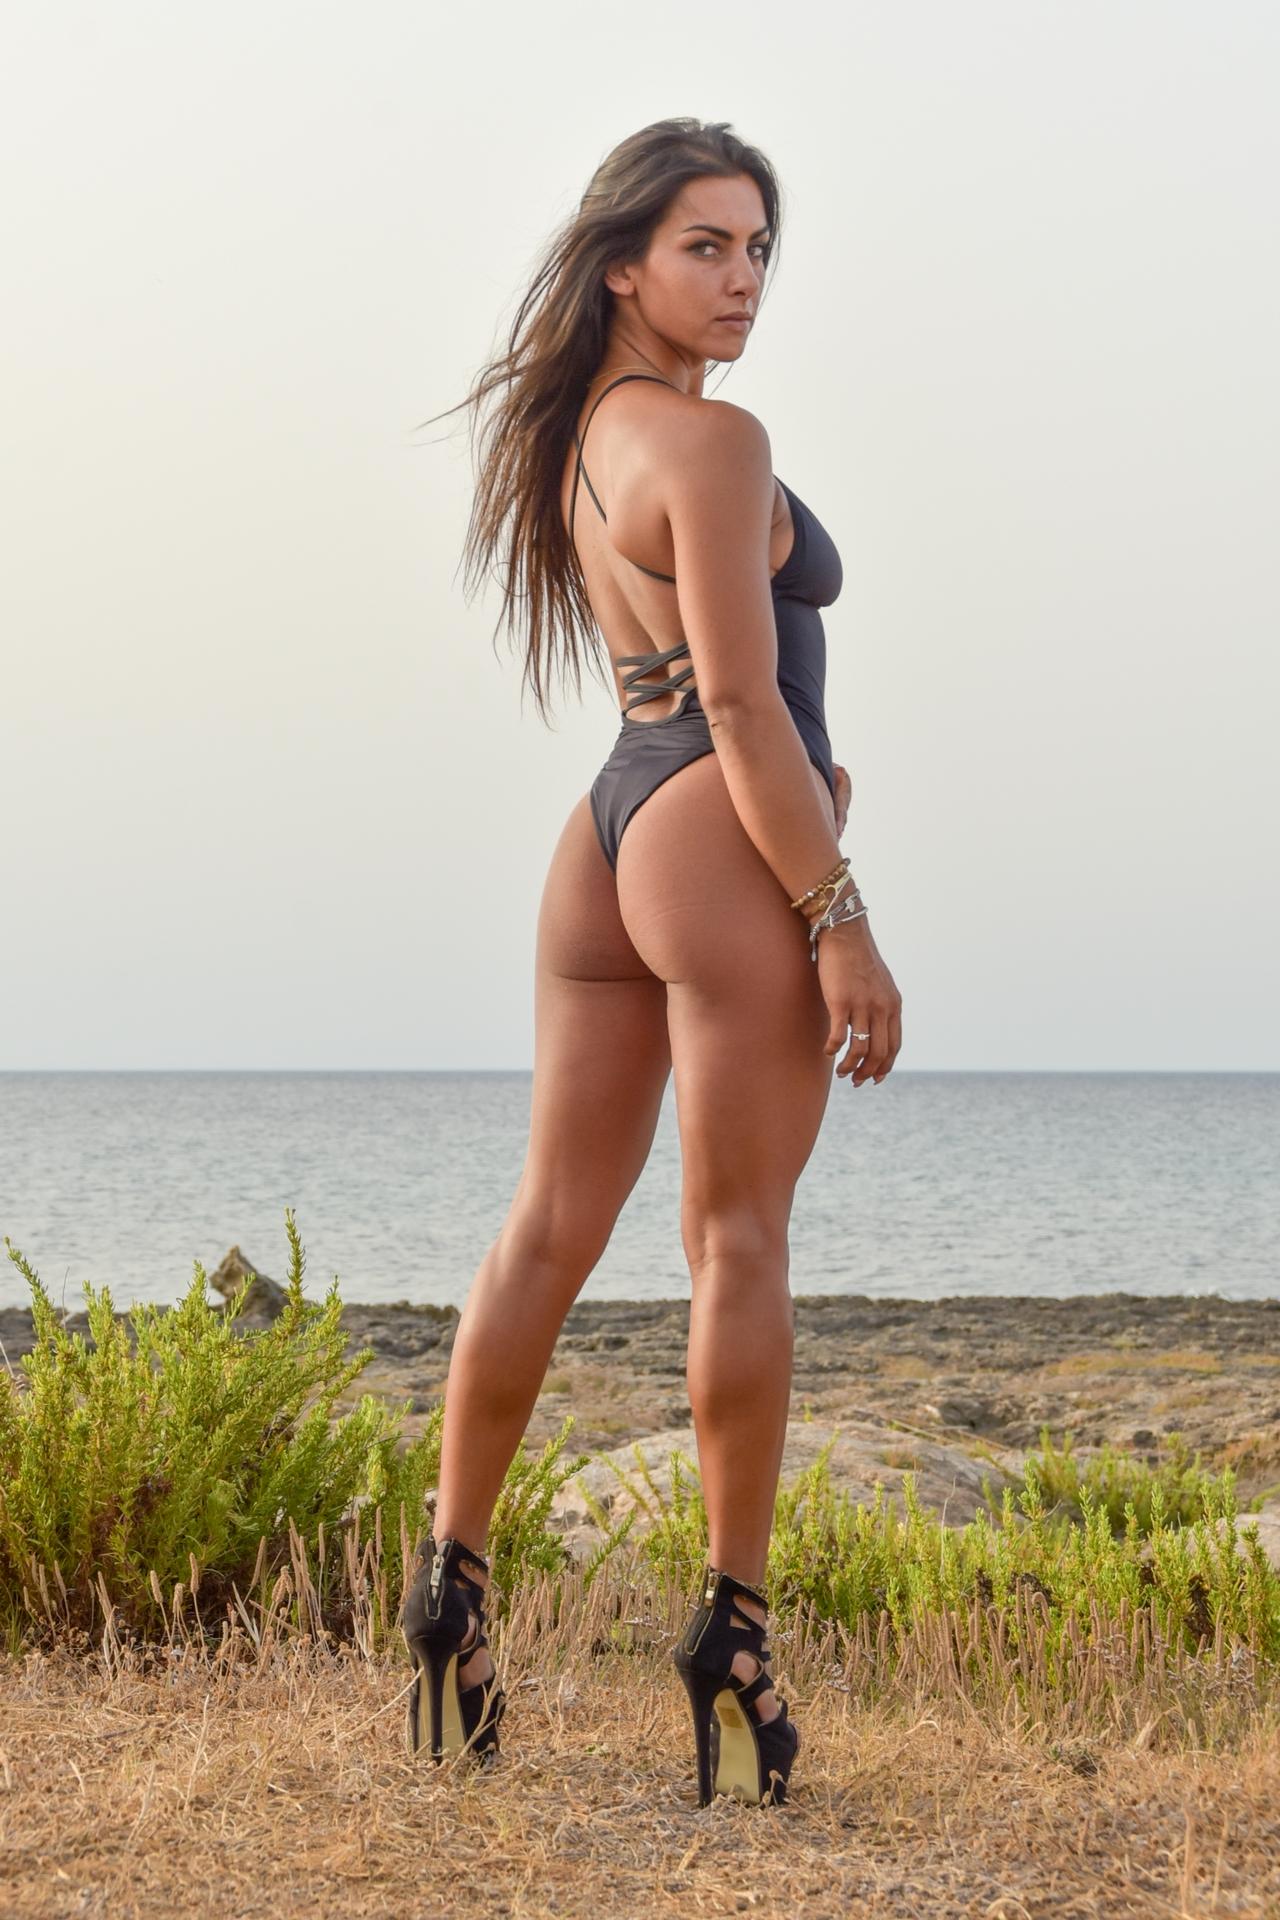 Caterina Giorgio Promoter|Hostess|Fotomodella|Modella| BSA Agency di Barone Salvatore Alessandro